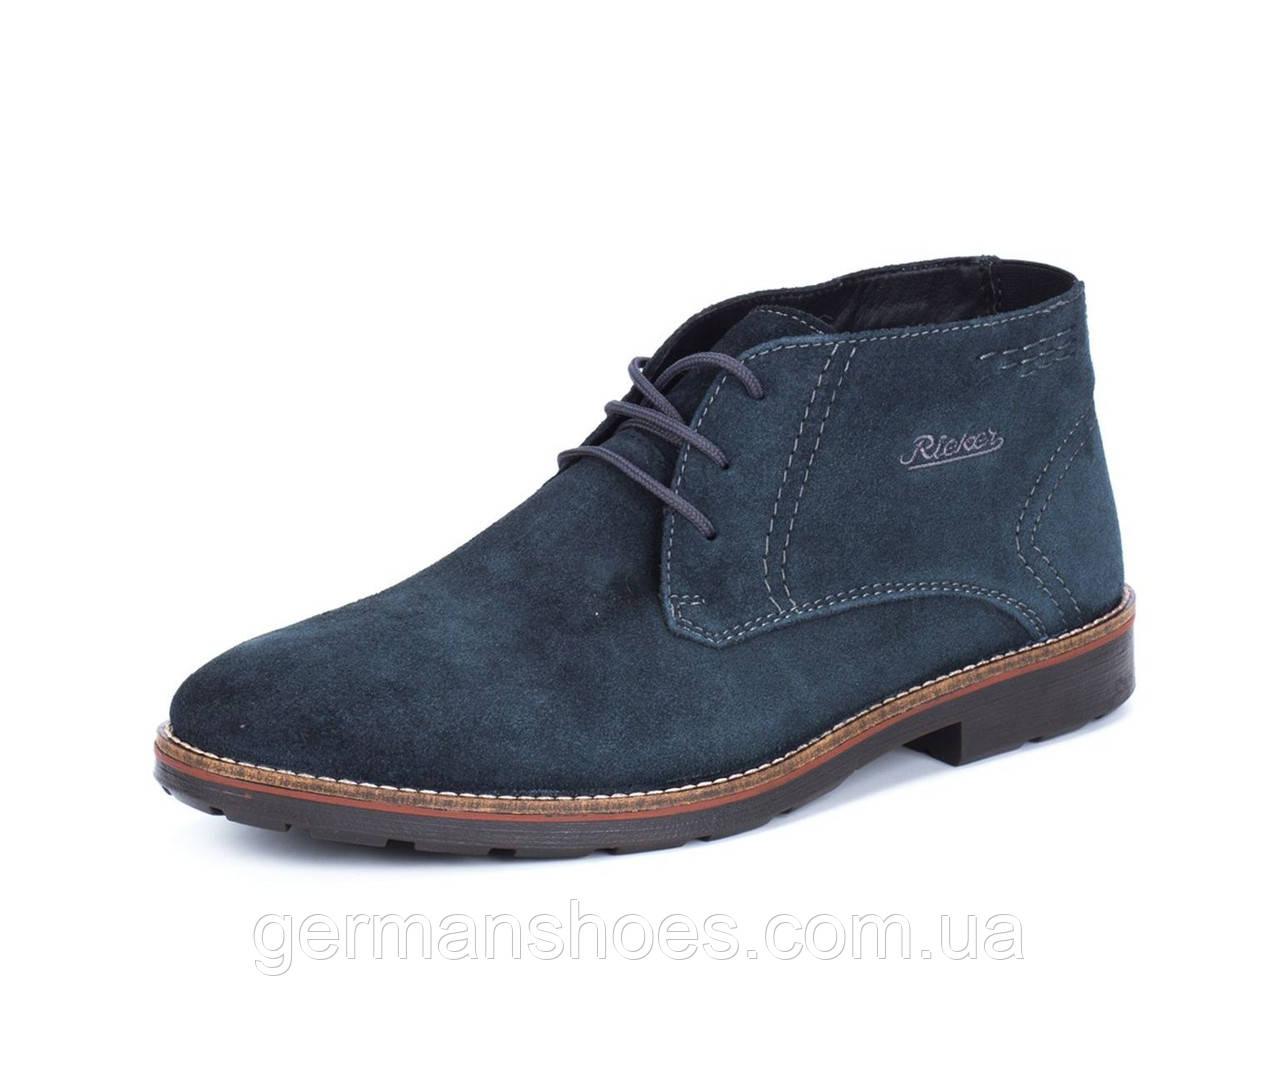 Ботинки мужские Rieker 35314-14